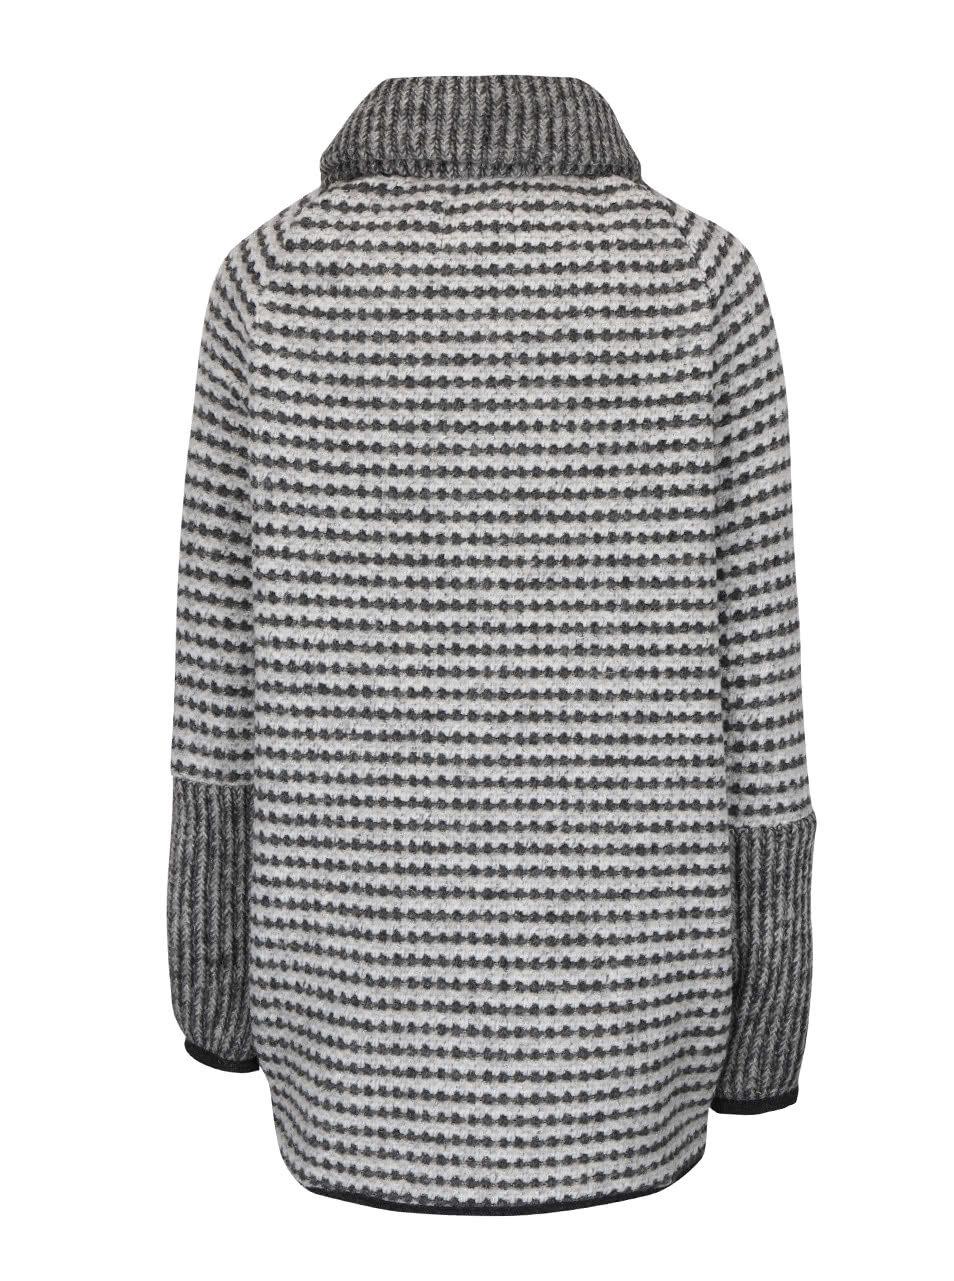 Šedý dámský kabát bugatti ... 3580c1b4ec